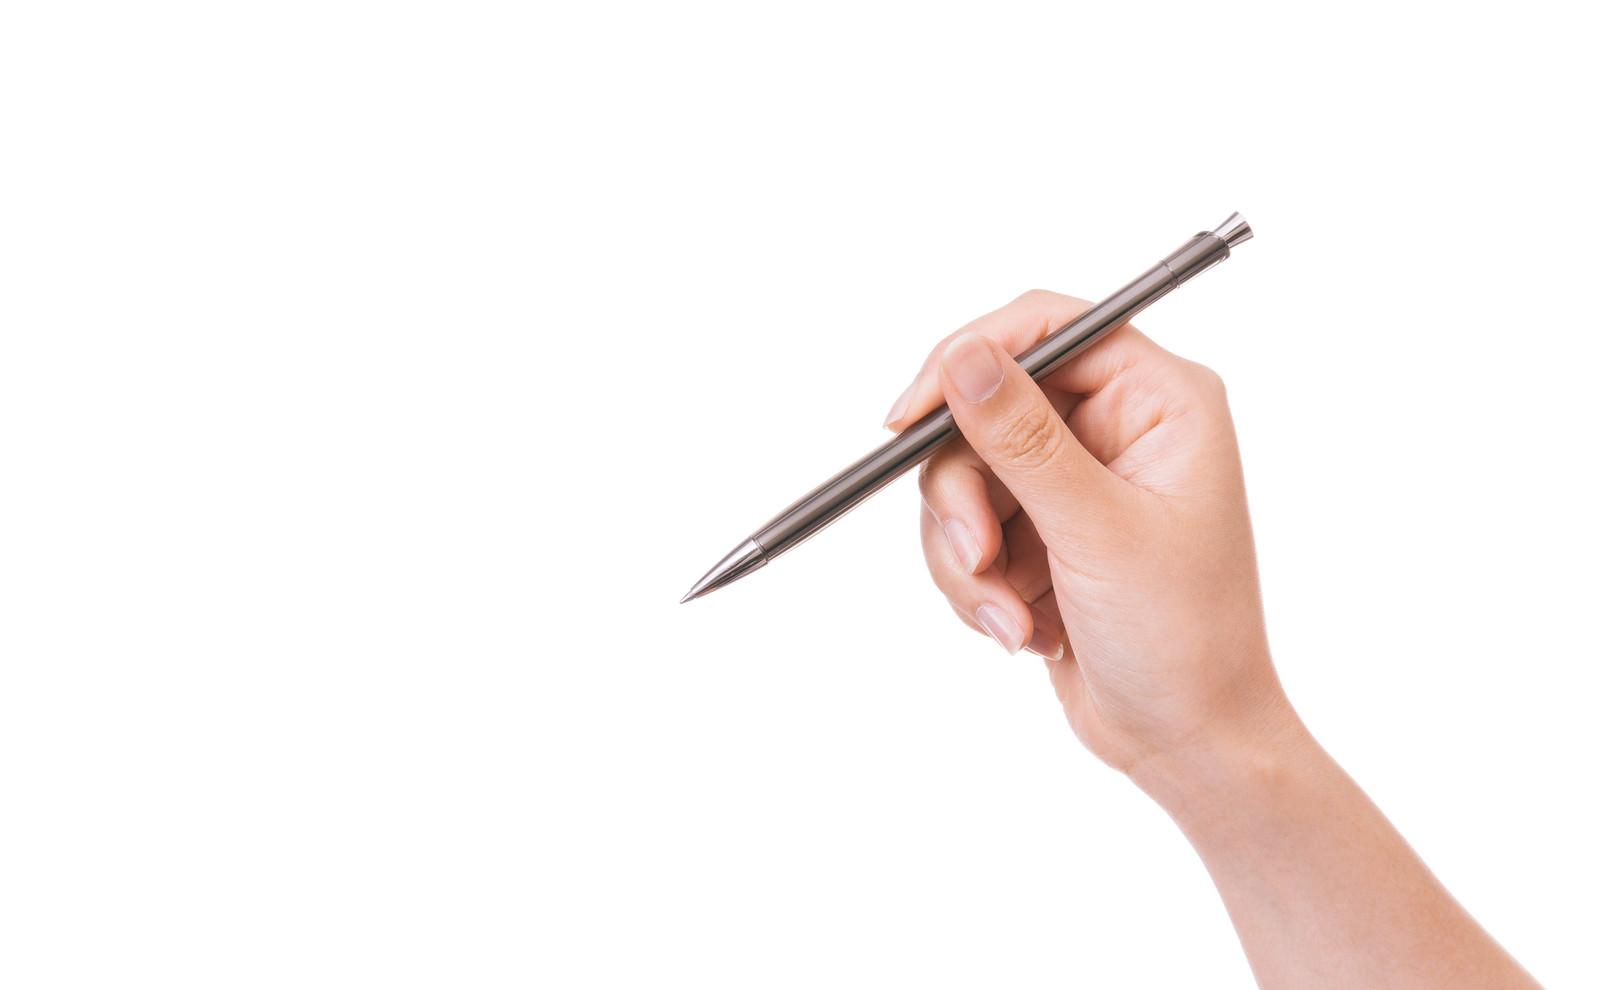 「ペンを握る手の要す」